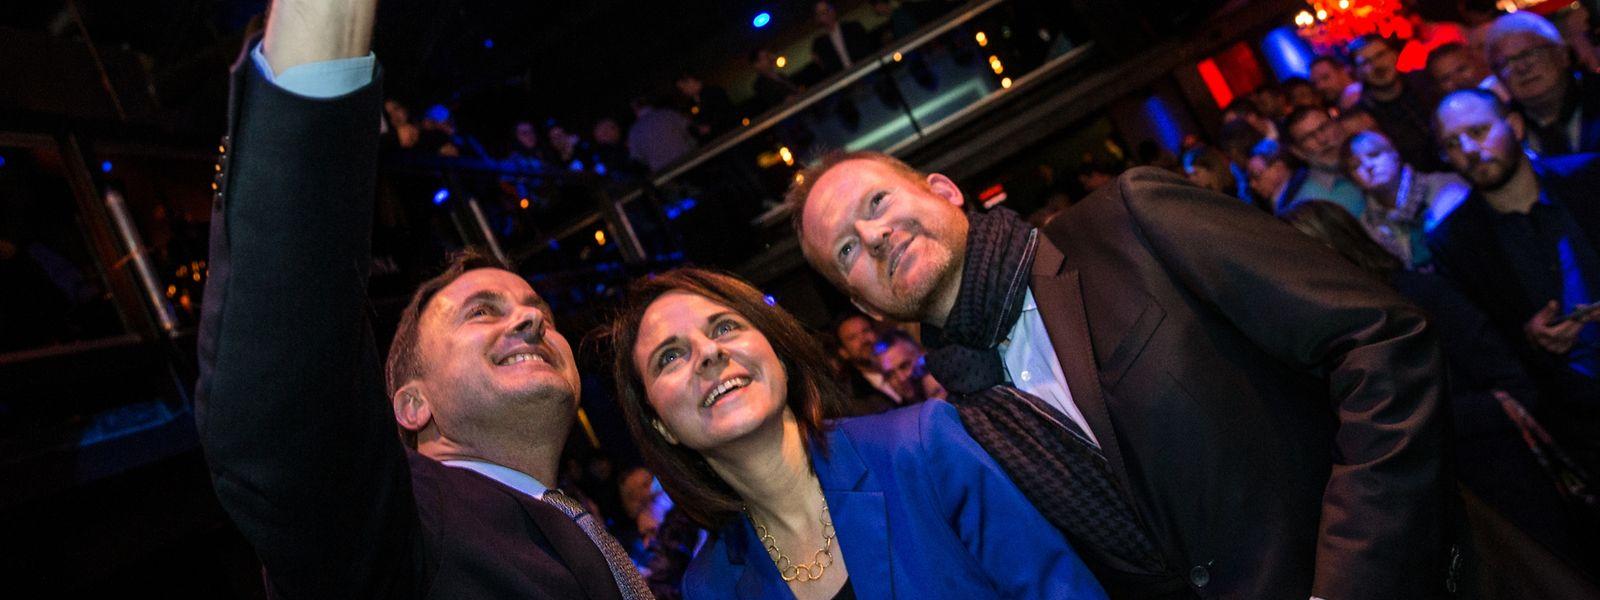 Premier Xavier Bettel, Parteipräsidentin Corinne Cahen und Generalsekretär Claude Lamberty freuen sich noch einmal über den Wahlsieg der DP.